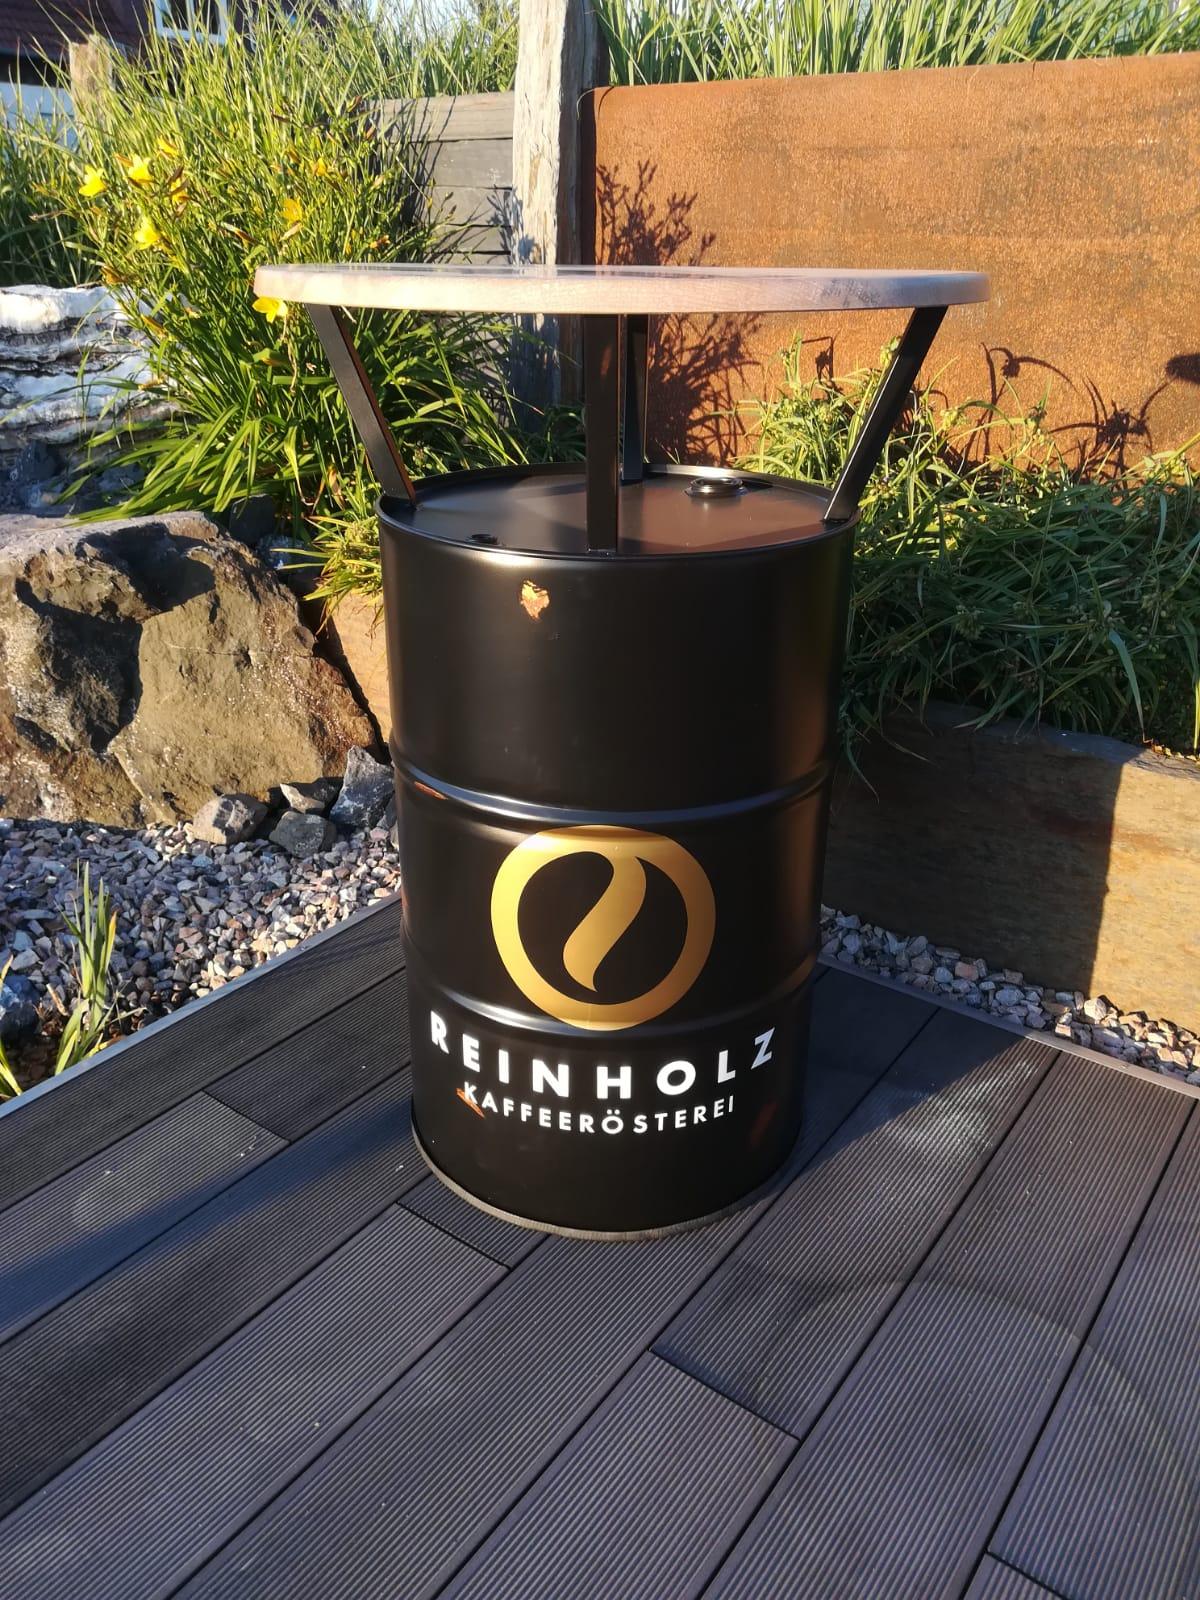 Kundenauftrag Reinholz Kaffeerösterei - Optik mit Roststellen